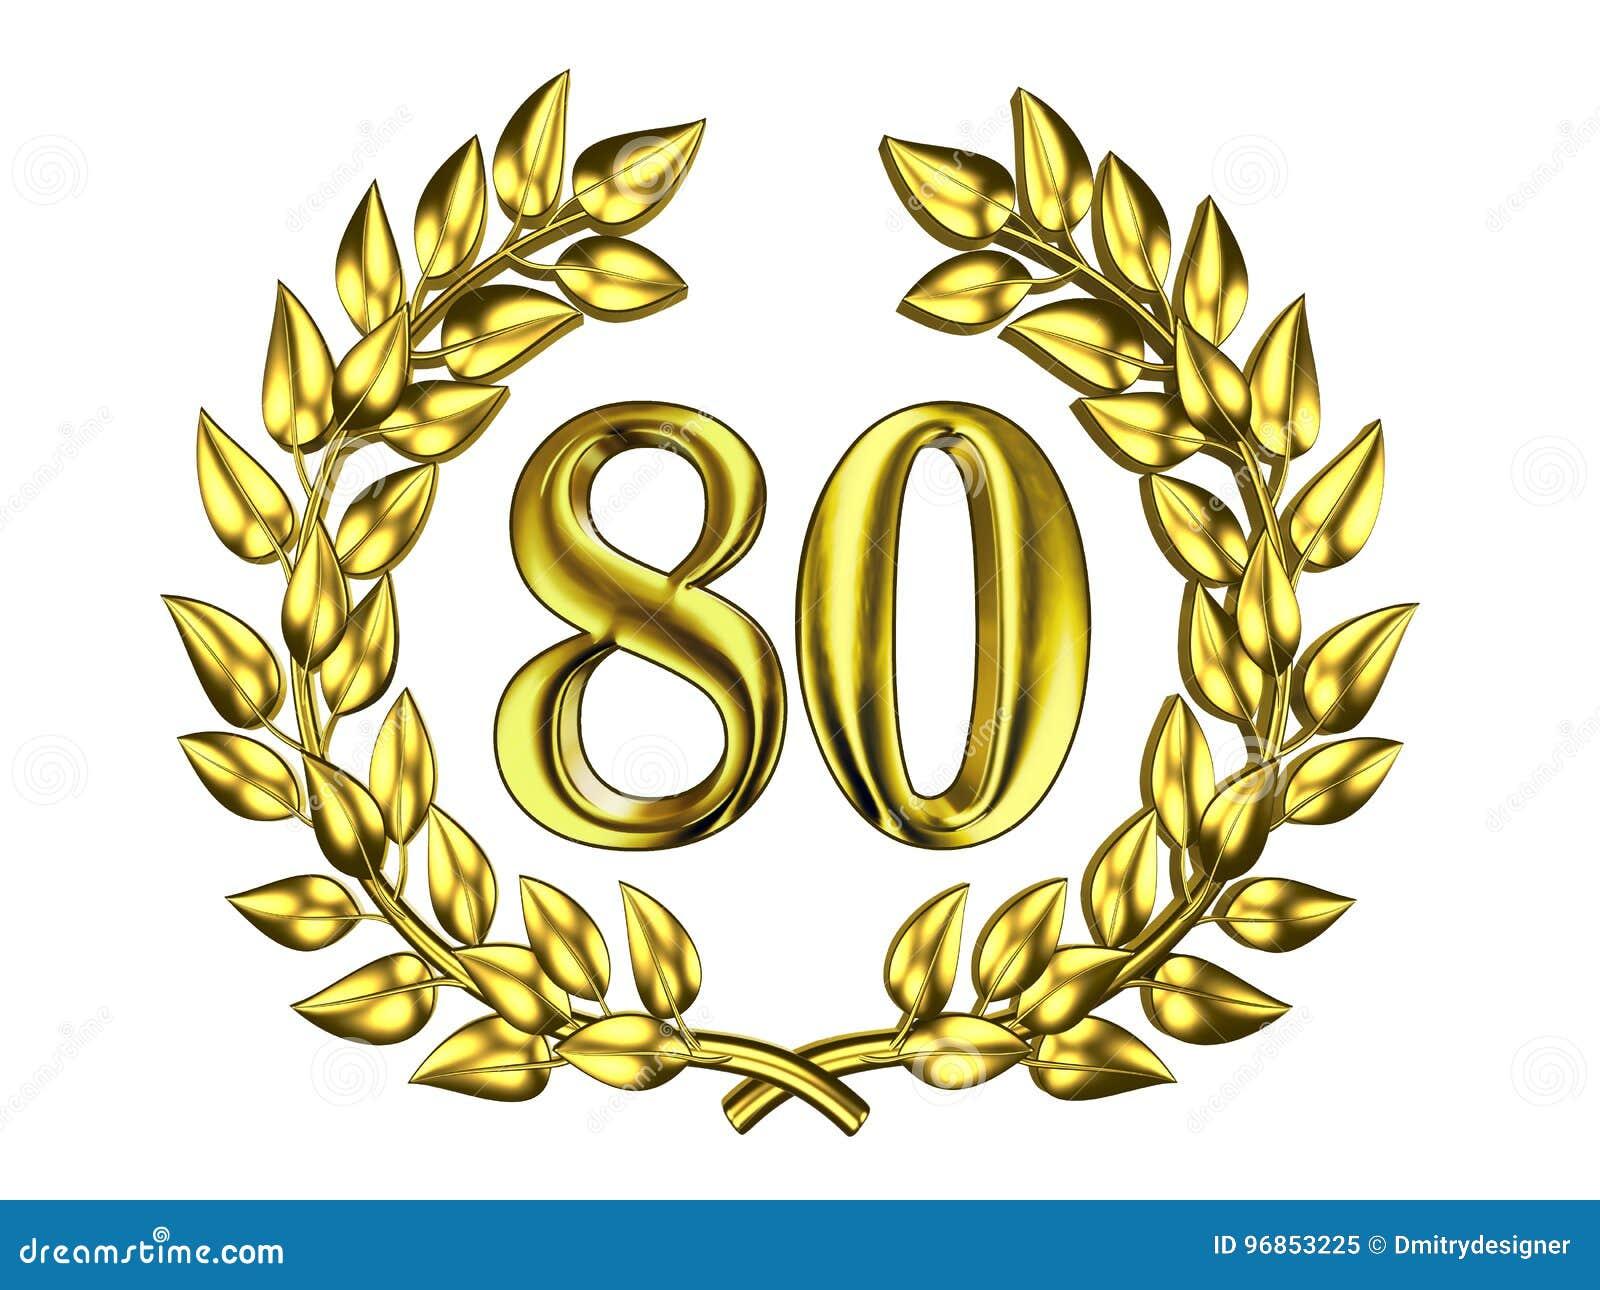 Goldene Zahl Von 80 In Einem Goldkranz Stock Abbildung